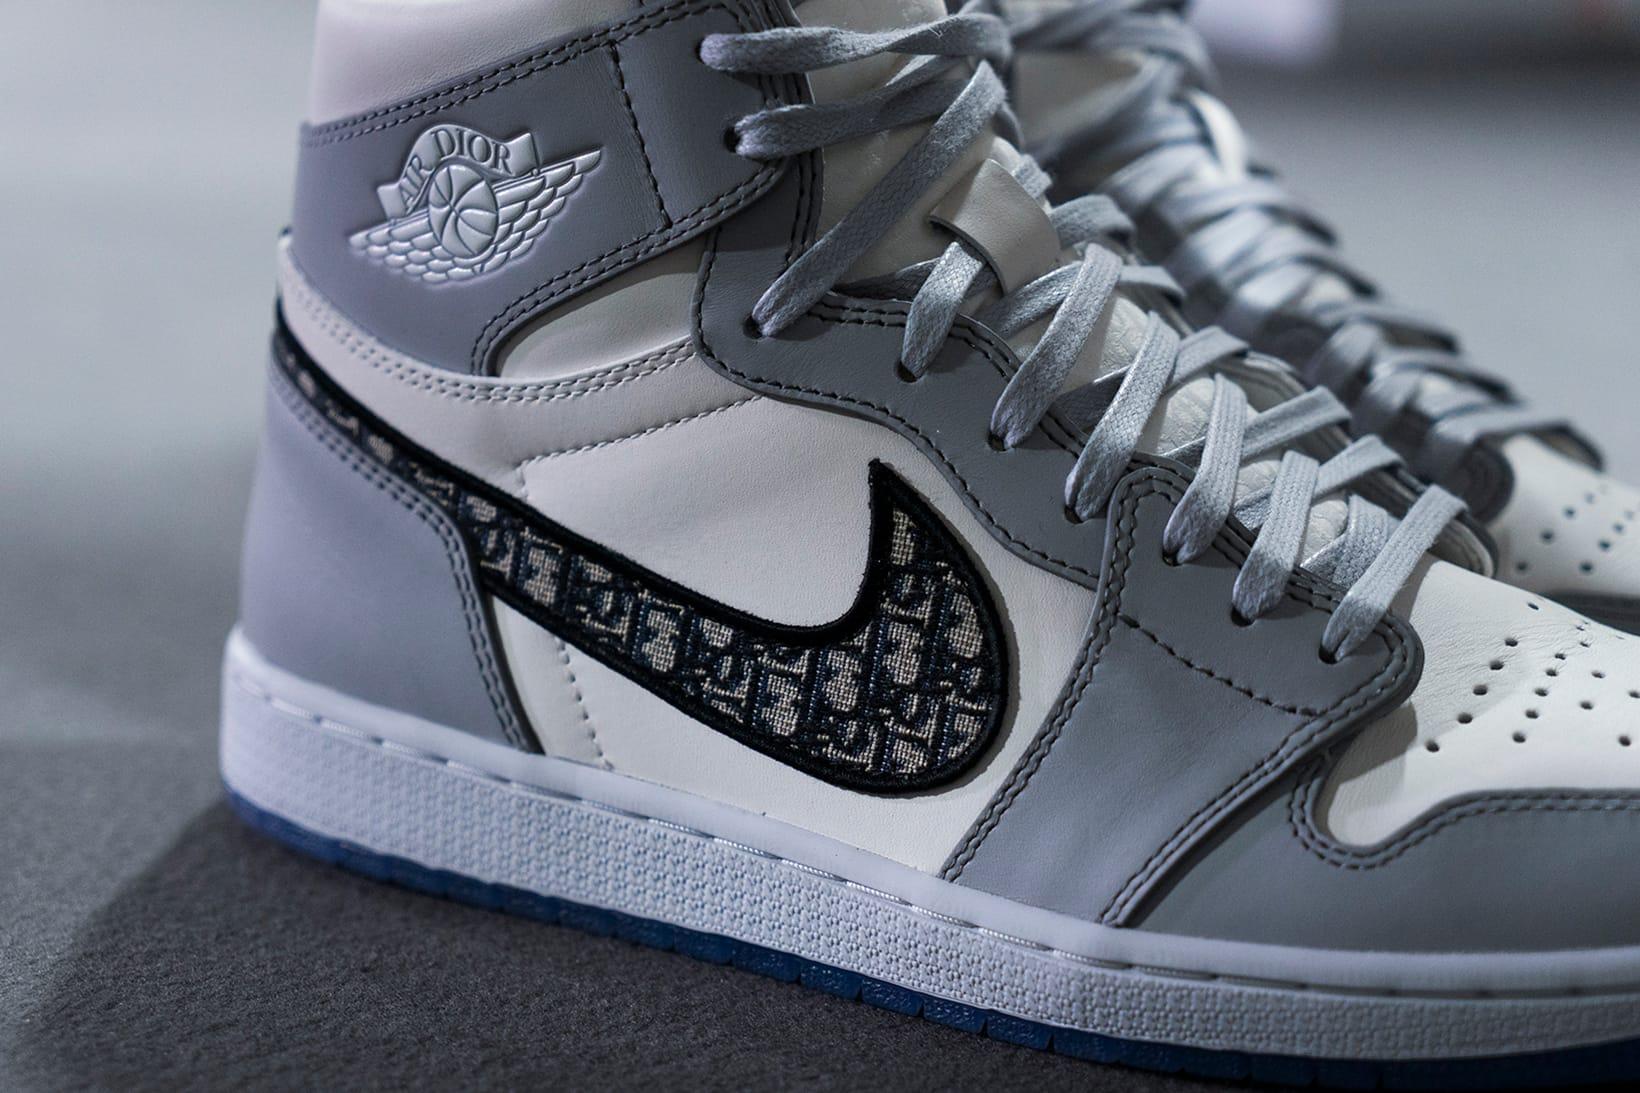 Dior x Nike's Air Jordan 1 High OG